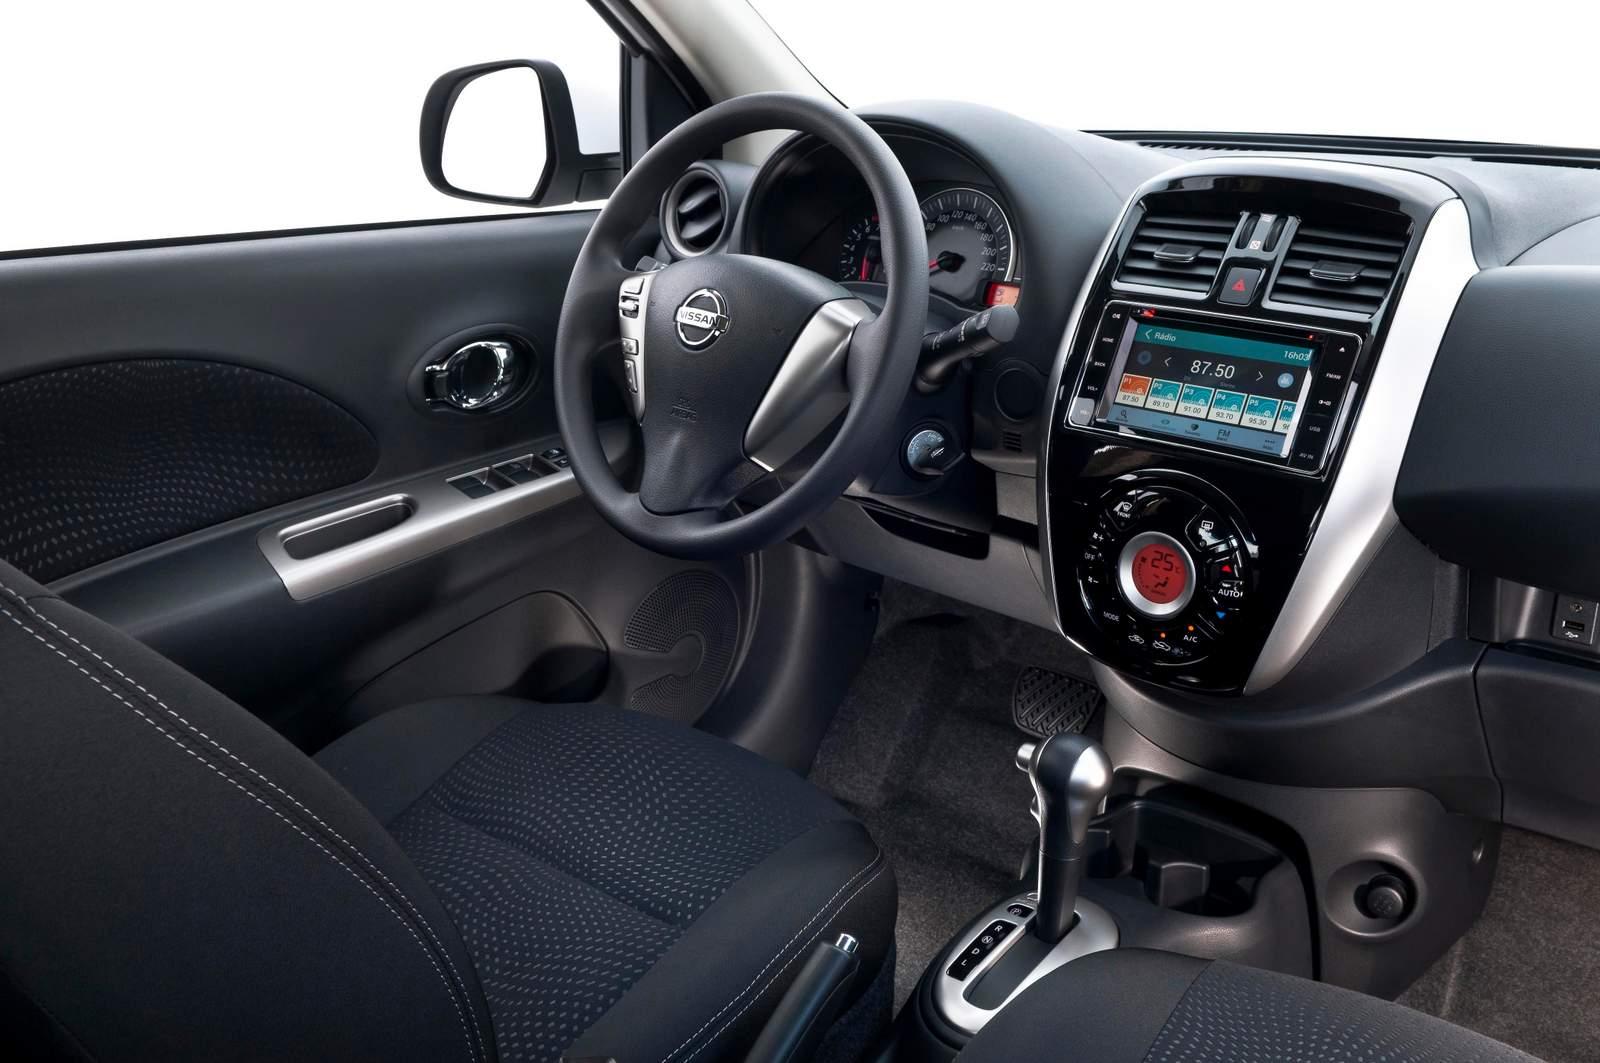 Nissan Versa 2017 Autom Tico Cvt V Deo Consumo Pre O Car Blog Br